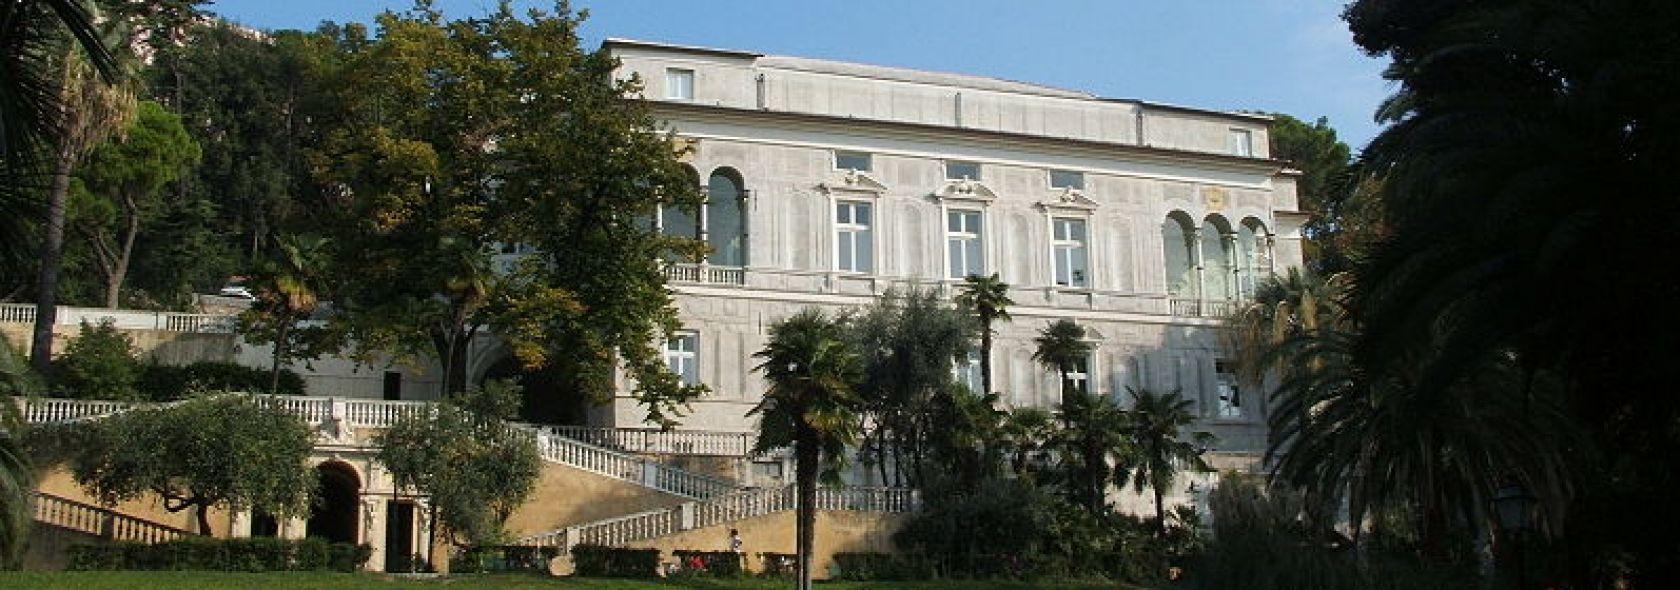 Villa Imperiale Cattaneo